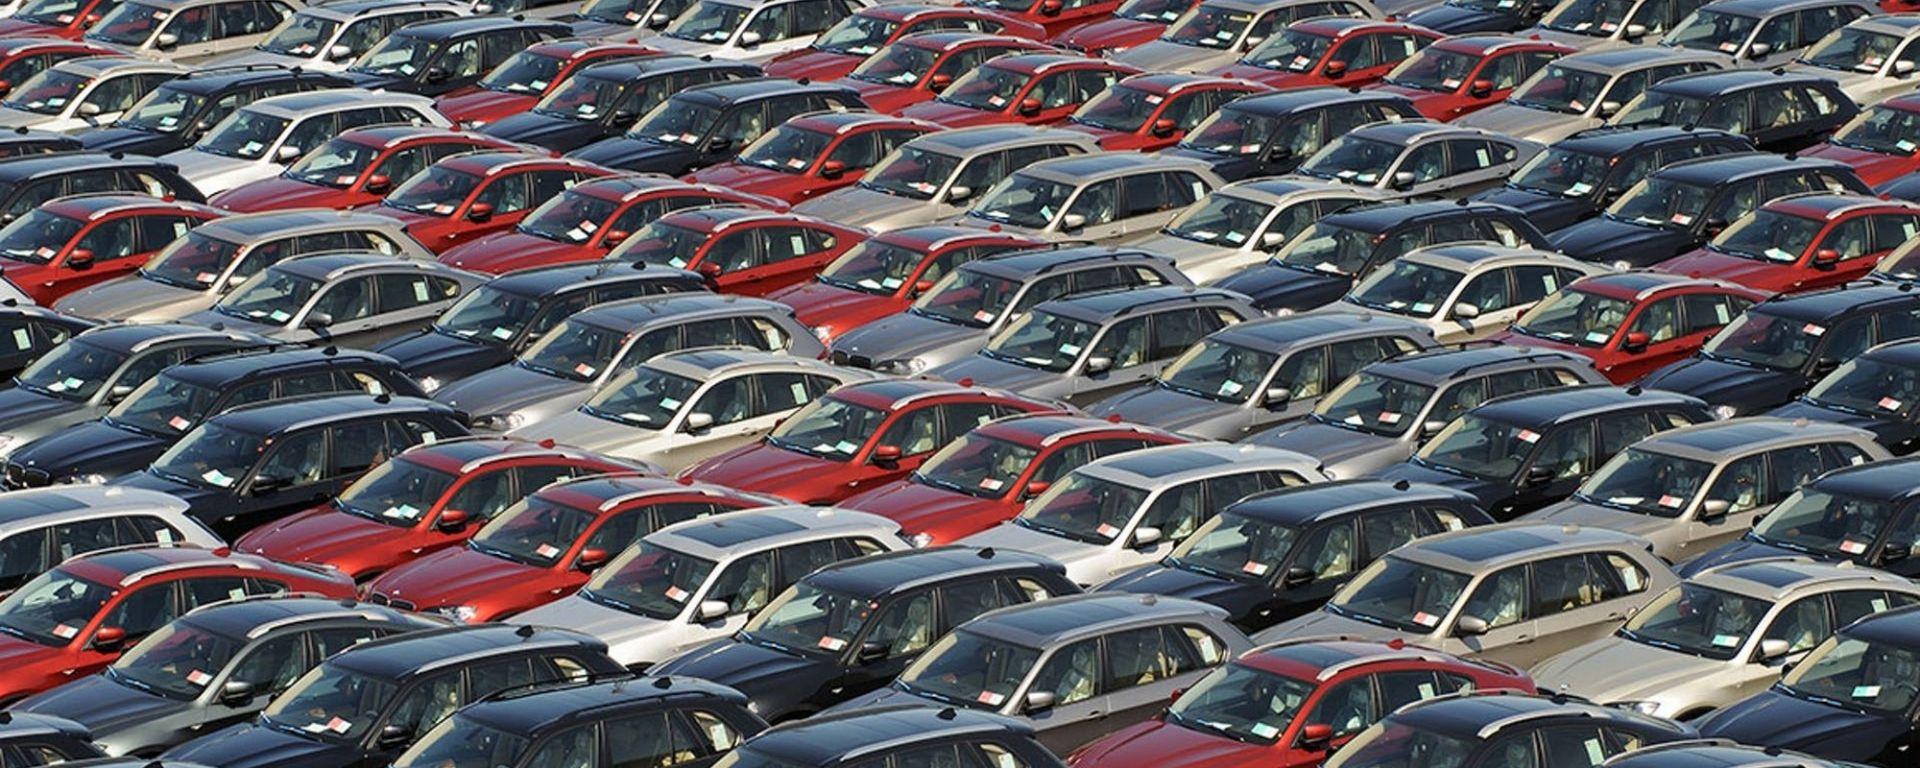 Incentivi auto 2019, da Anfia parere negativo